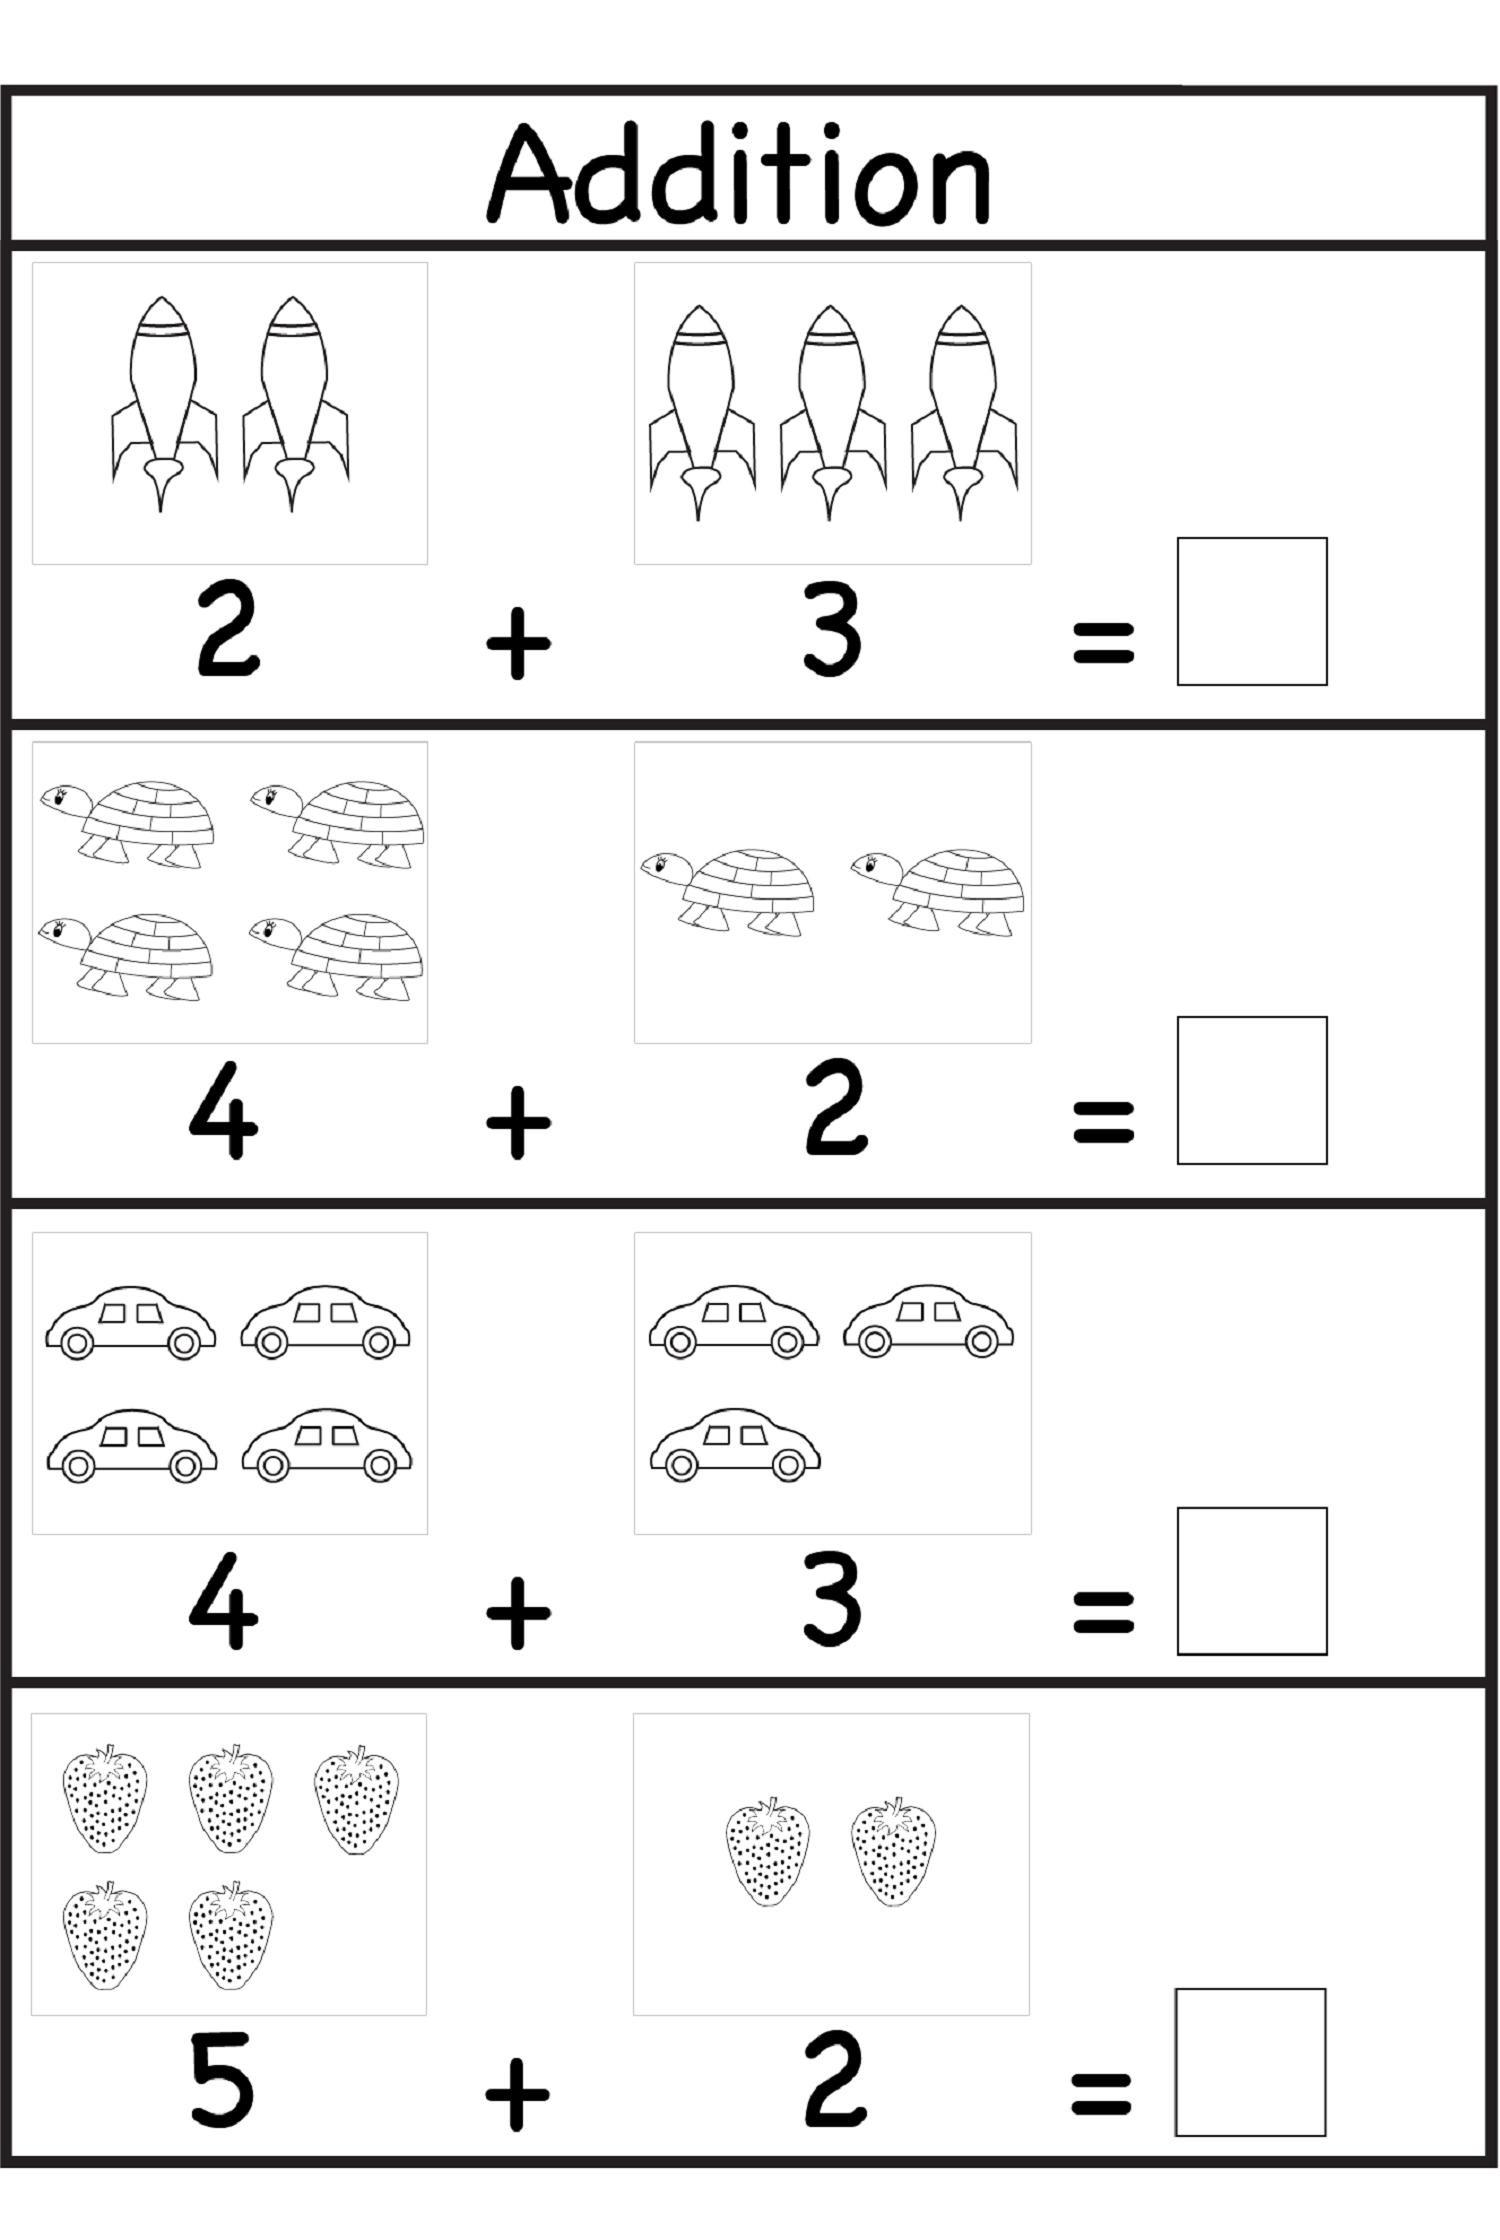 Printable Worksheets For Grade 1 Letter Worksheets